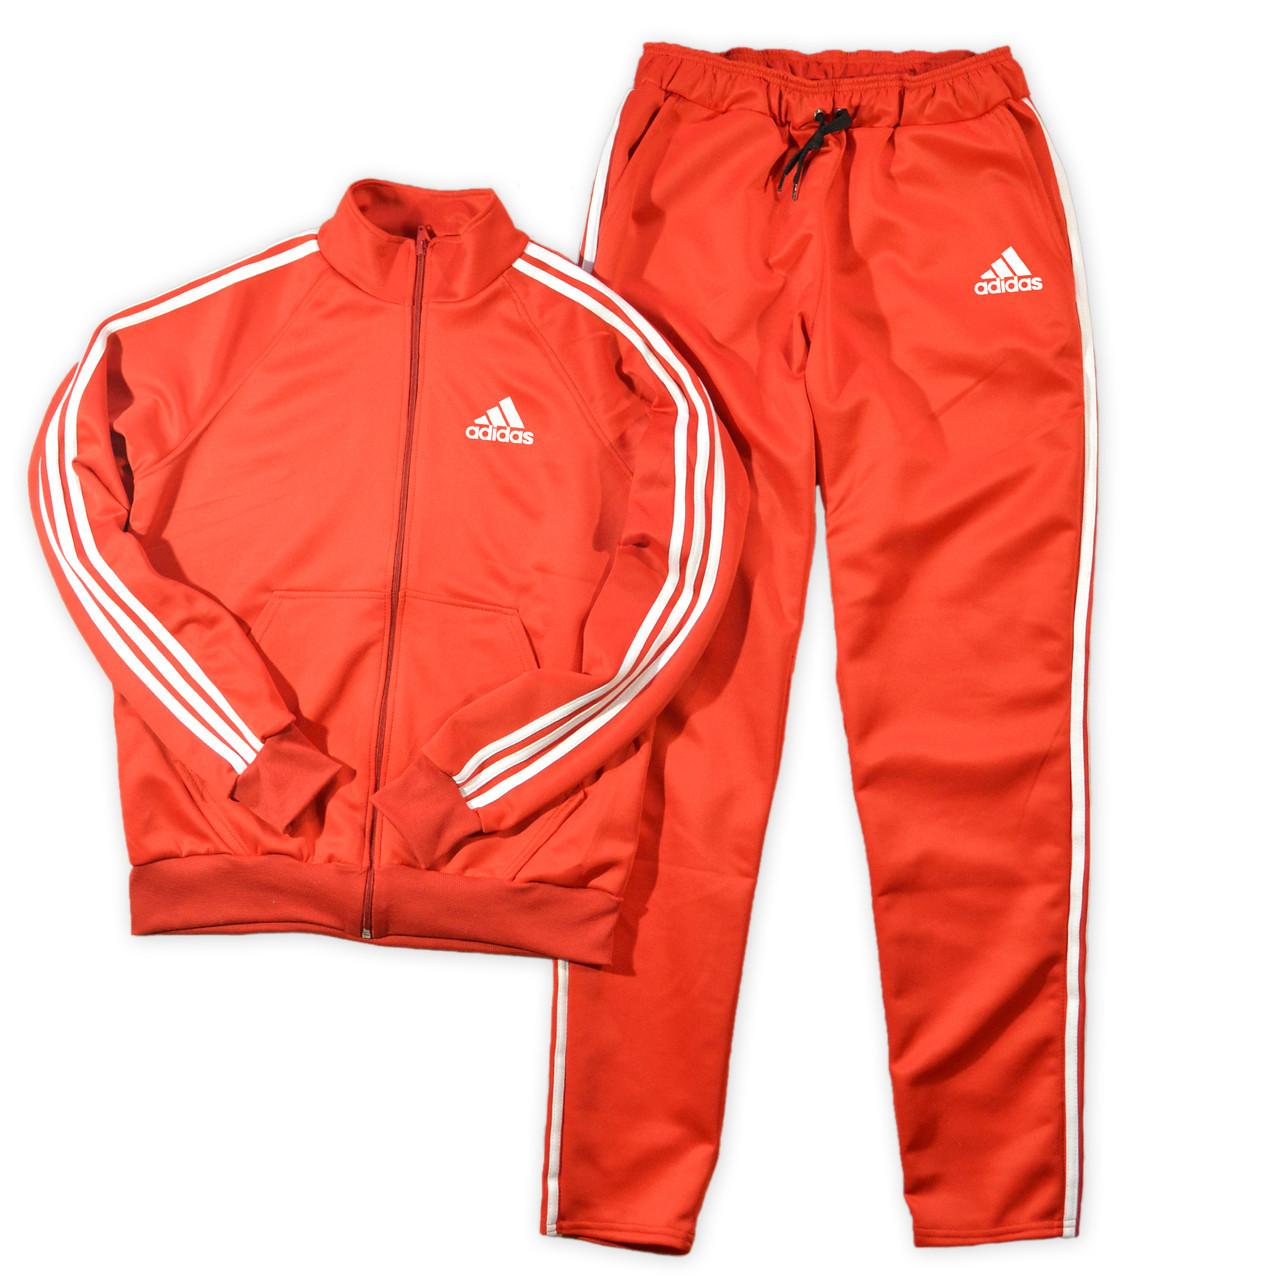 b43b3d892983f3 Кофта Adidas (Адидас) - Эластика, Весна-лето, S — в Категории ...